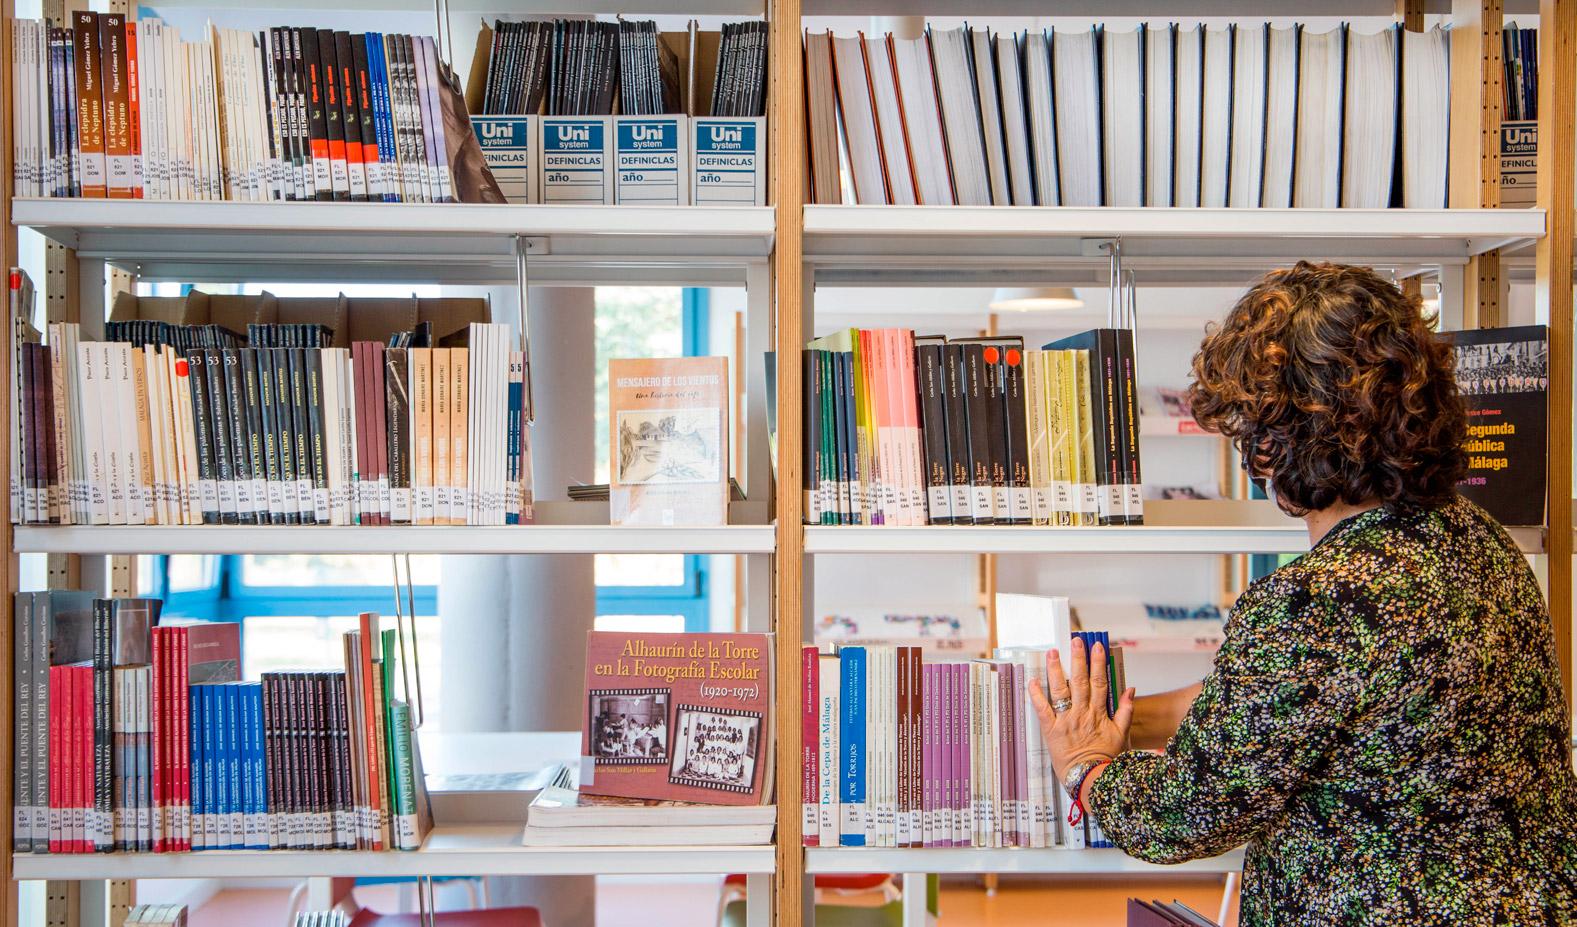 Fondo Local Biblioteca Pública Municipal de Alhaurín de la Torre